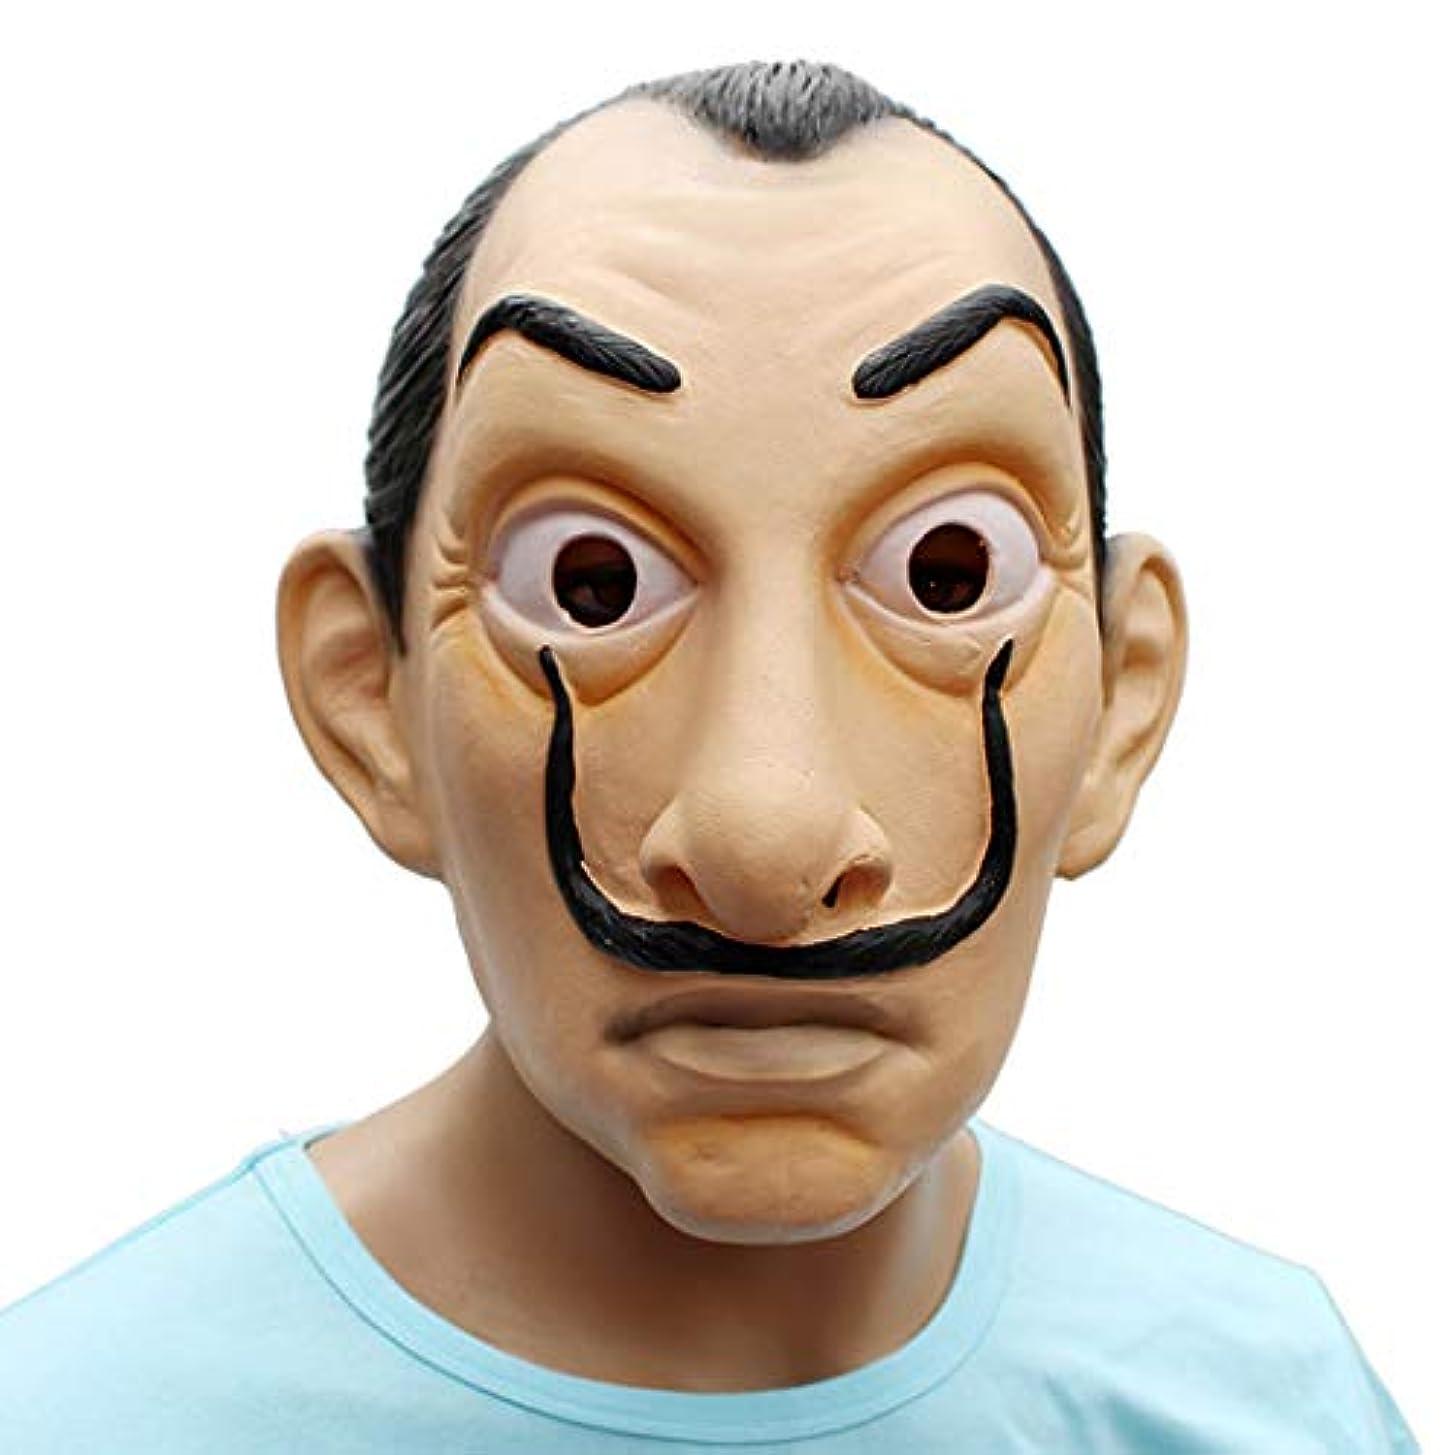 対処する調停する学ぶハロウィンコスプレマスクラテックスヘッドマスク